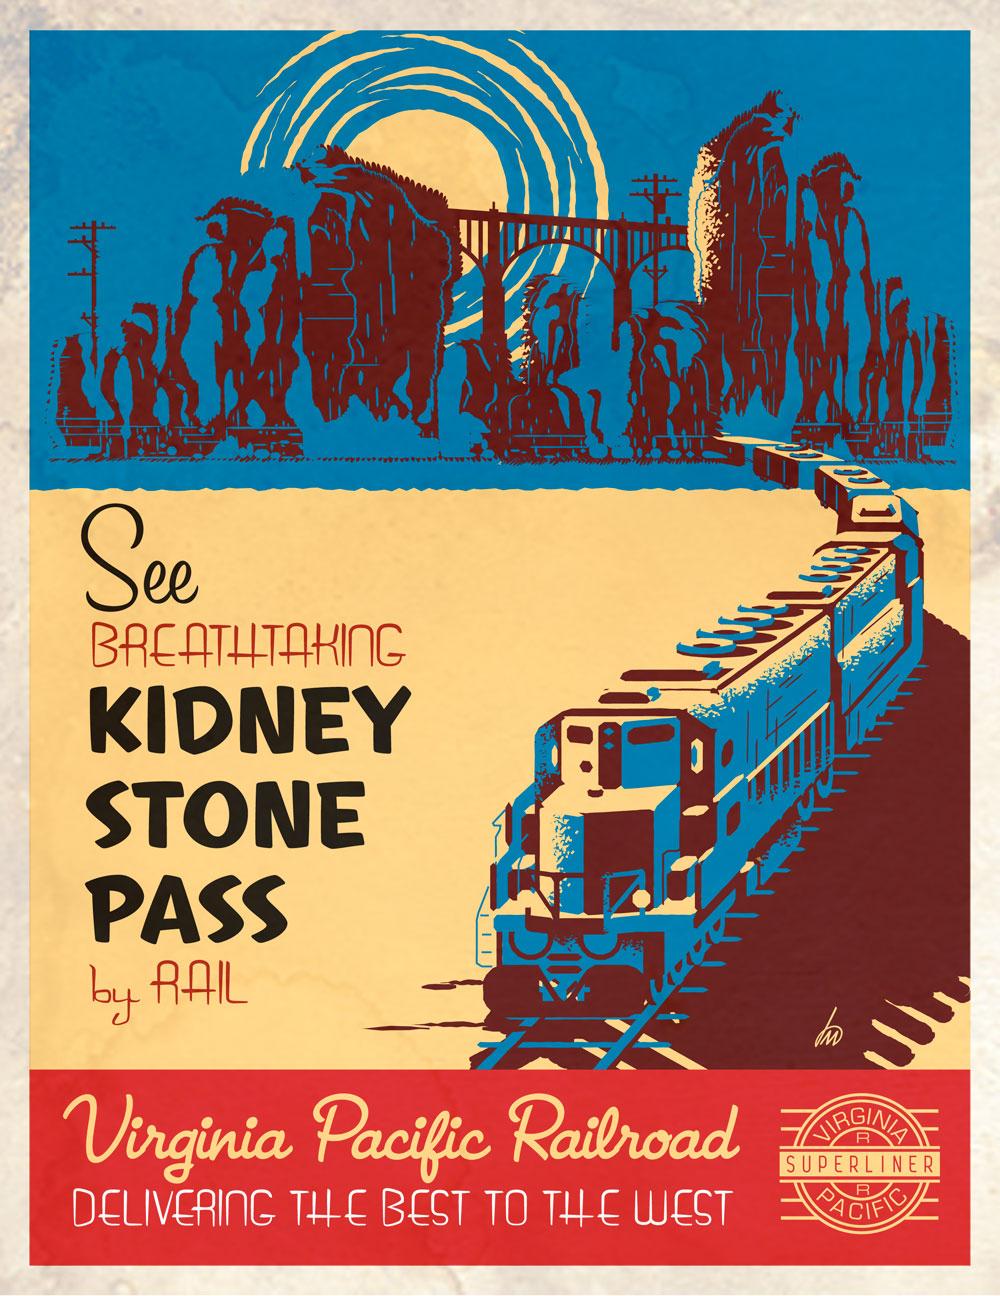 Kidney Stone Pass